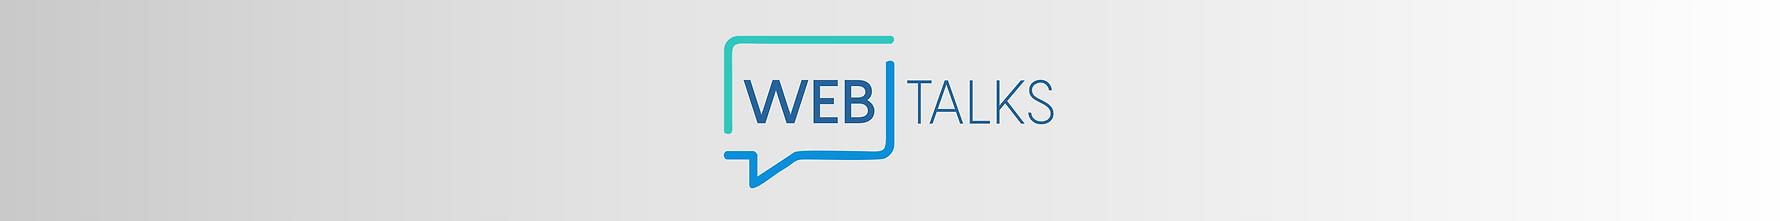 WebTalk_LP.png